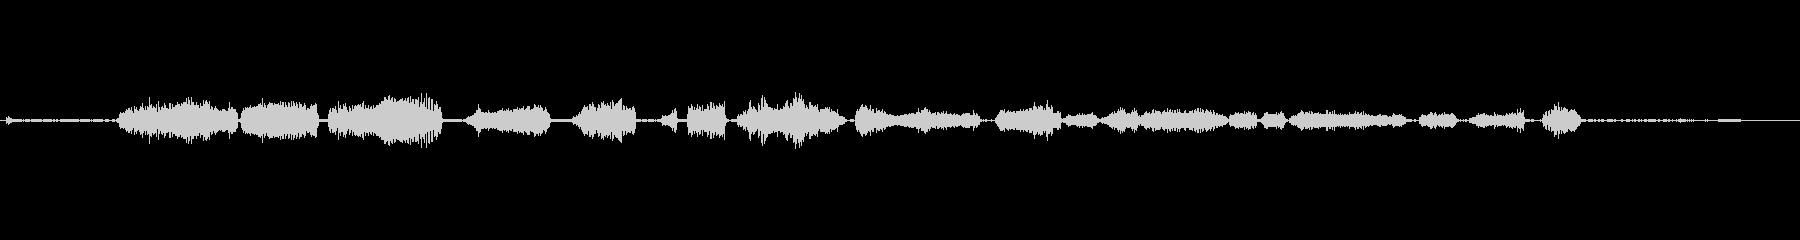 旋盤-木材-On_Off-楽器の未再生の波形